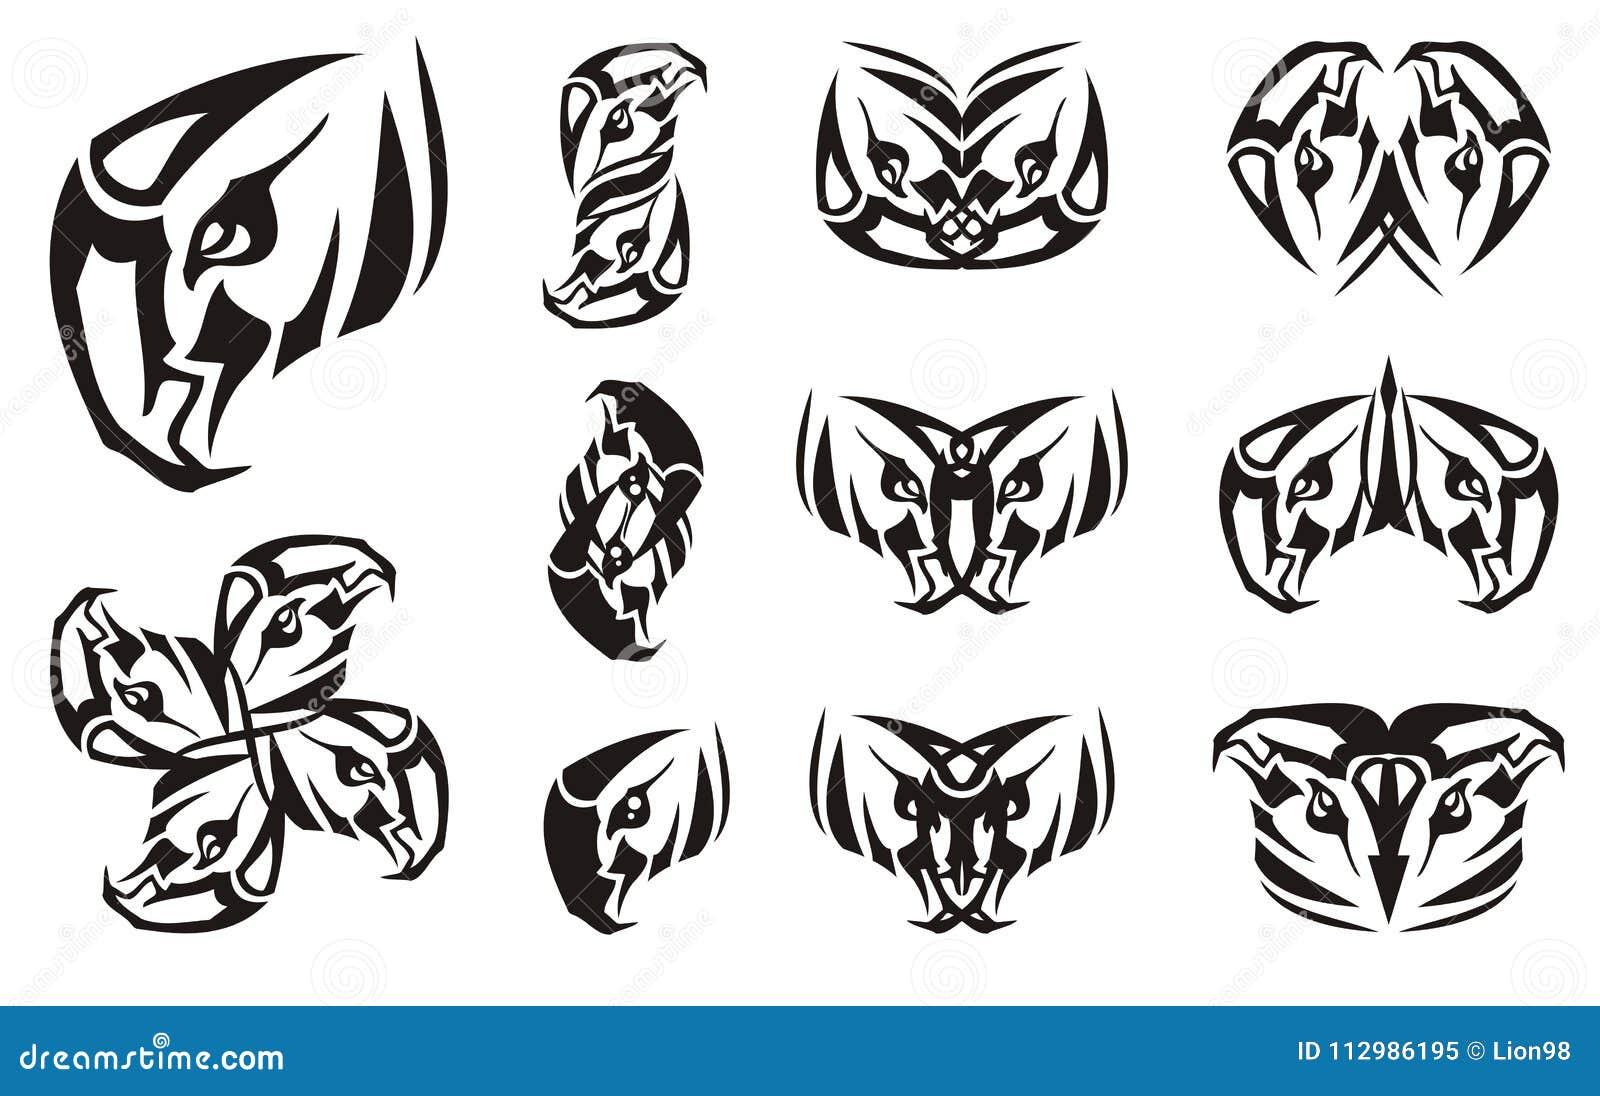 Символ орла головной и двойные символы от его